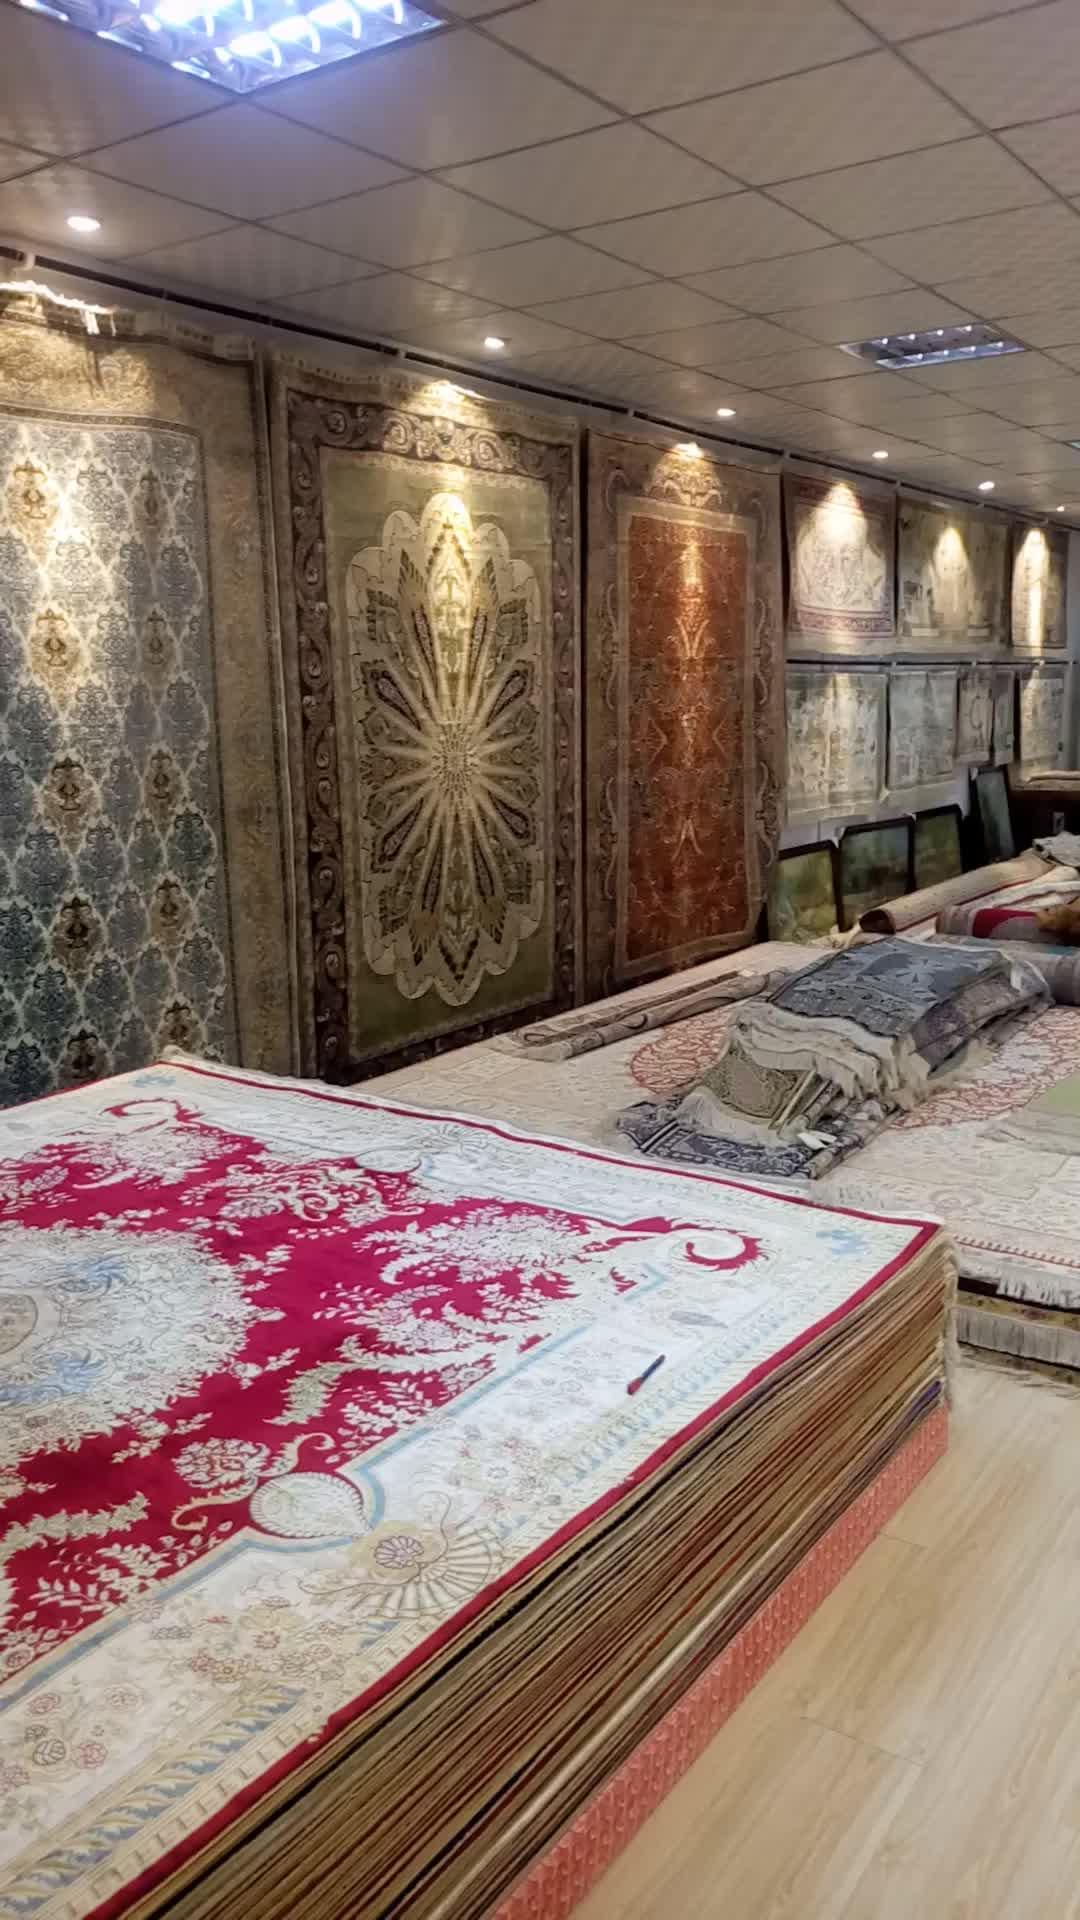 YUXIANG จีนพรม 4 * 2.7ft โรงงานโดยตรงราคาผ้าไหมพรม nain เปอร์เซีย handmade พรม